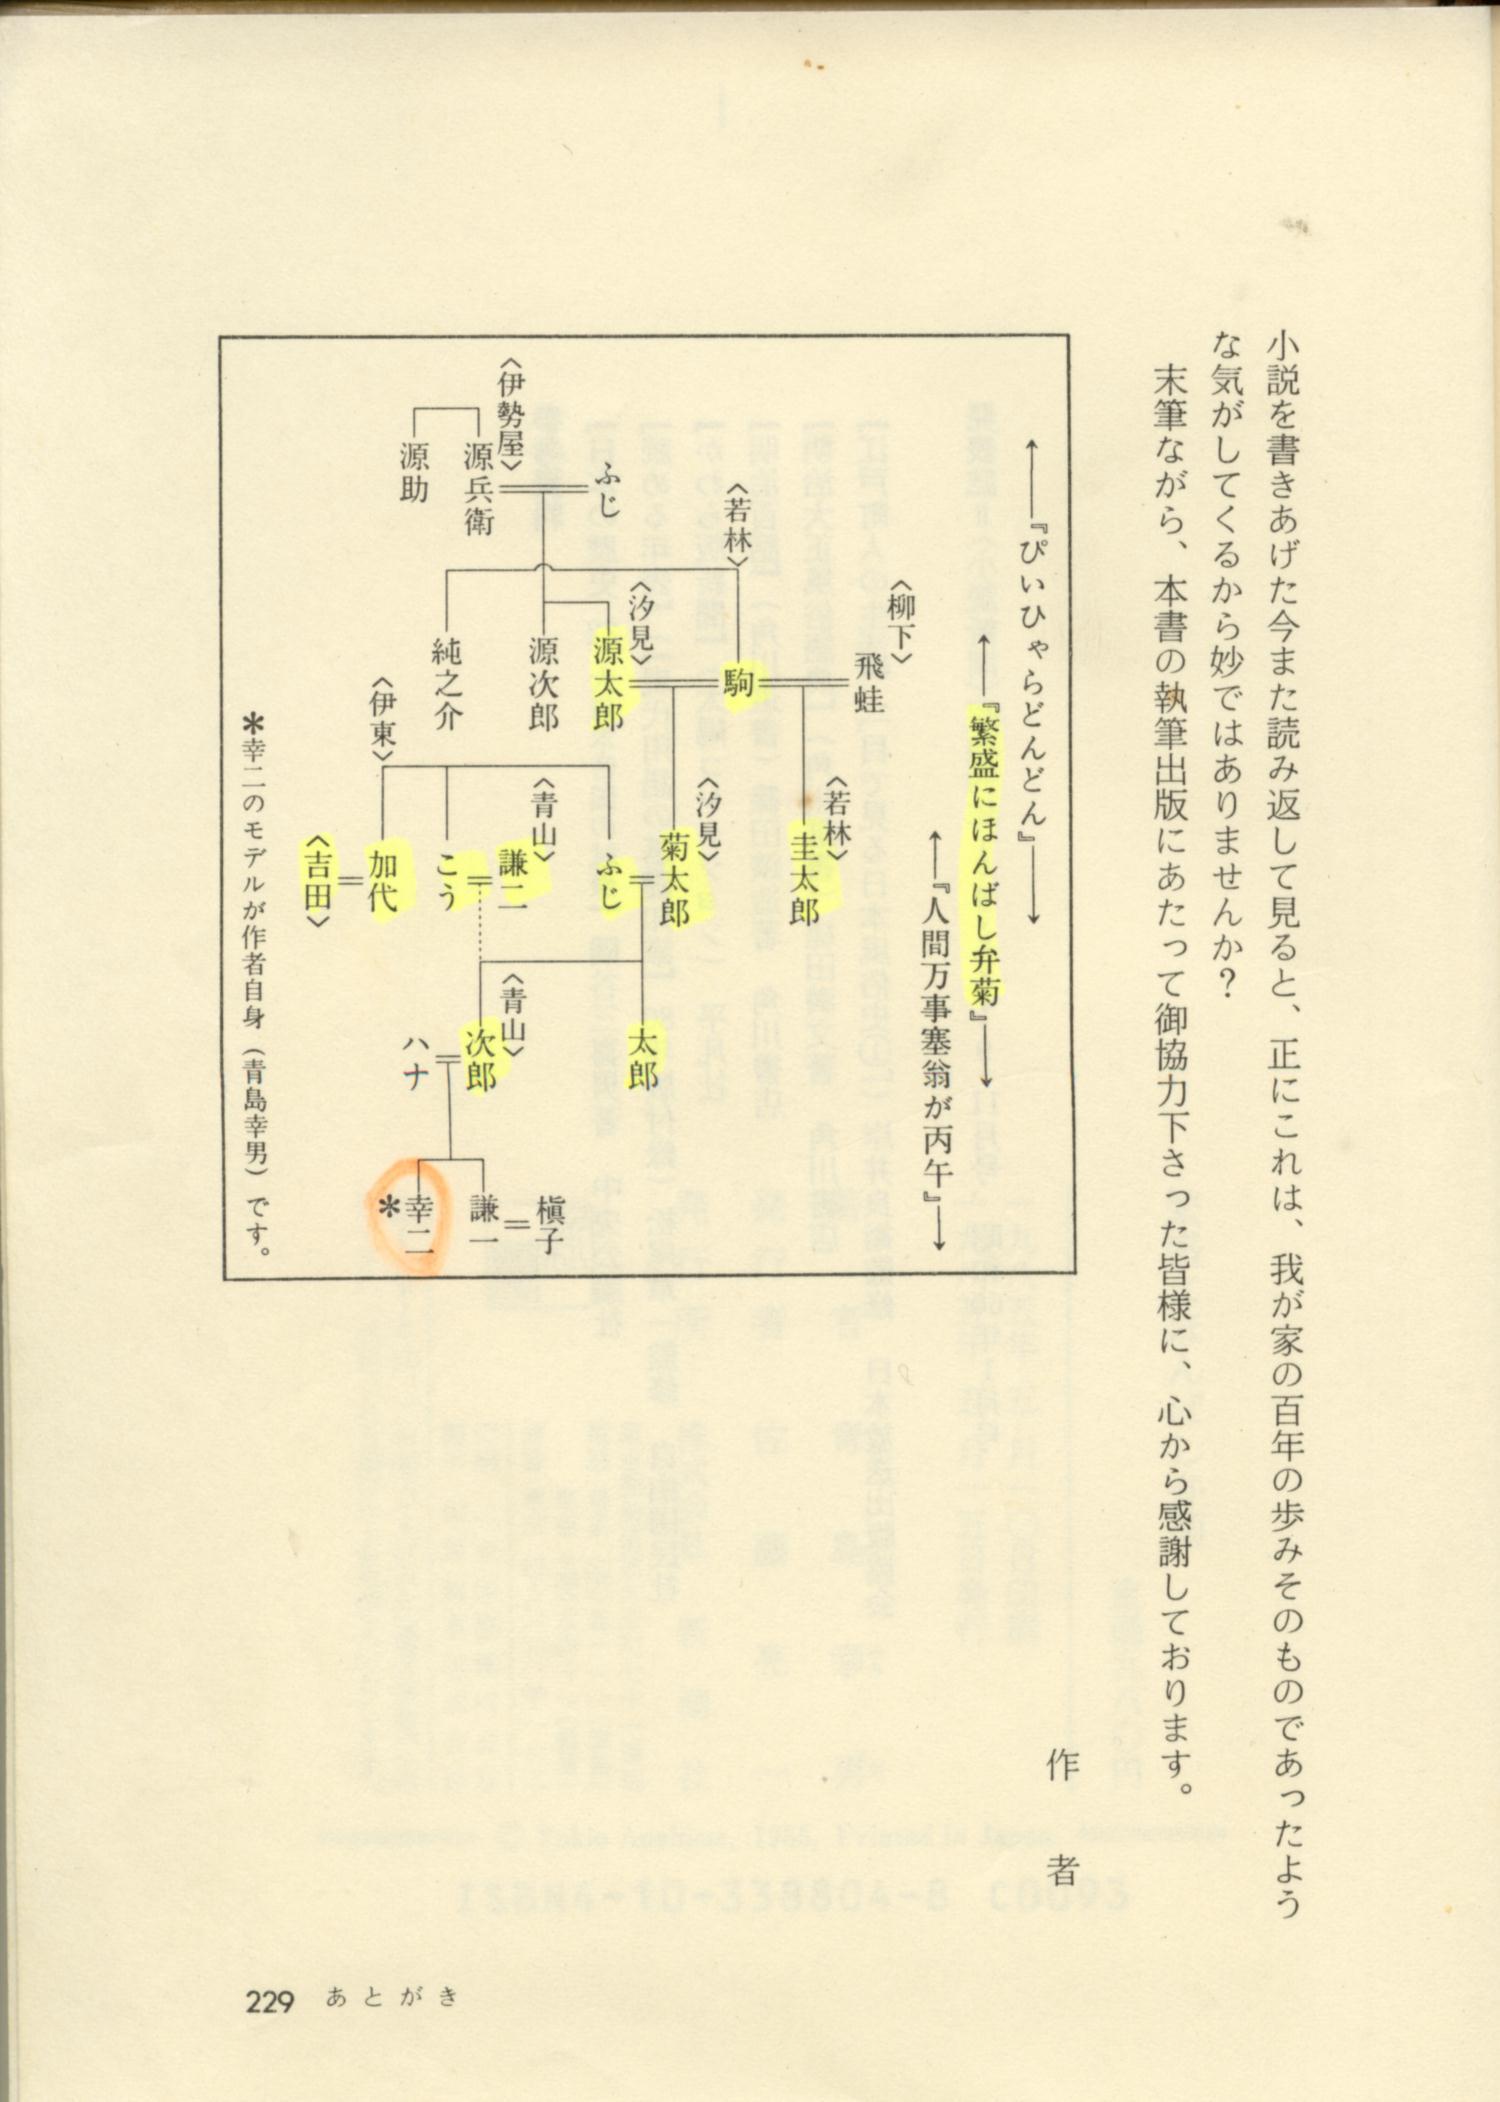 青島幸男を読む 2 「人間万事塞翁が丙午」_d0065324_22275463.jpg